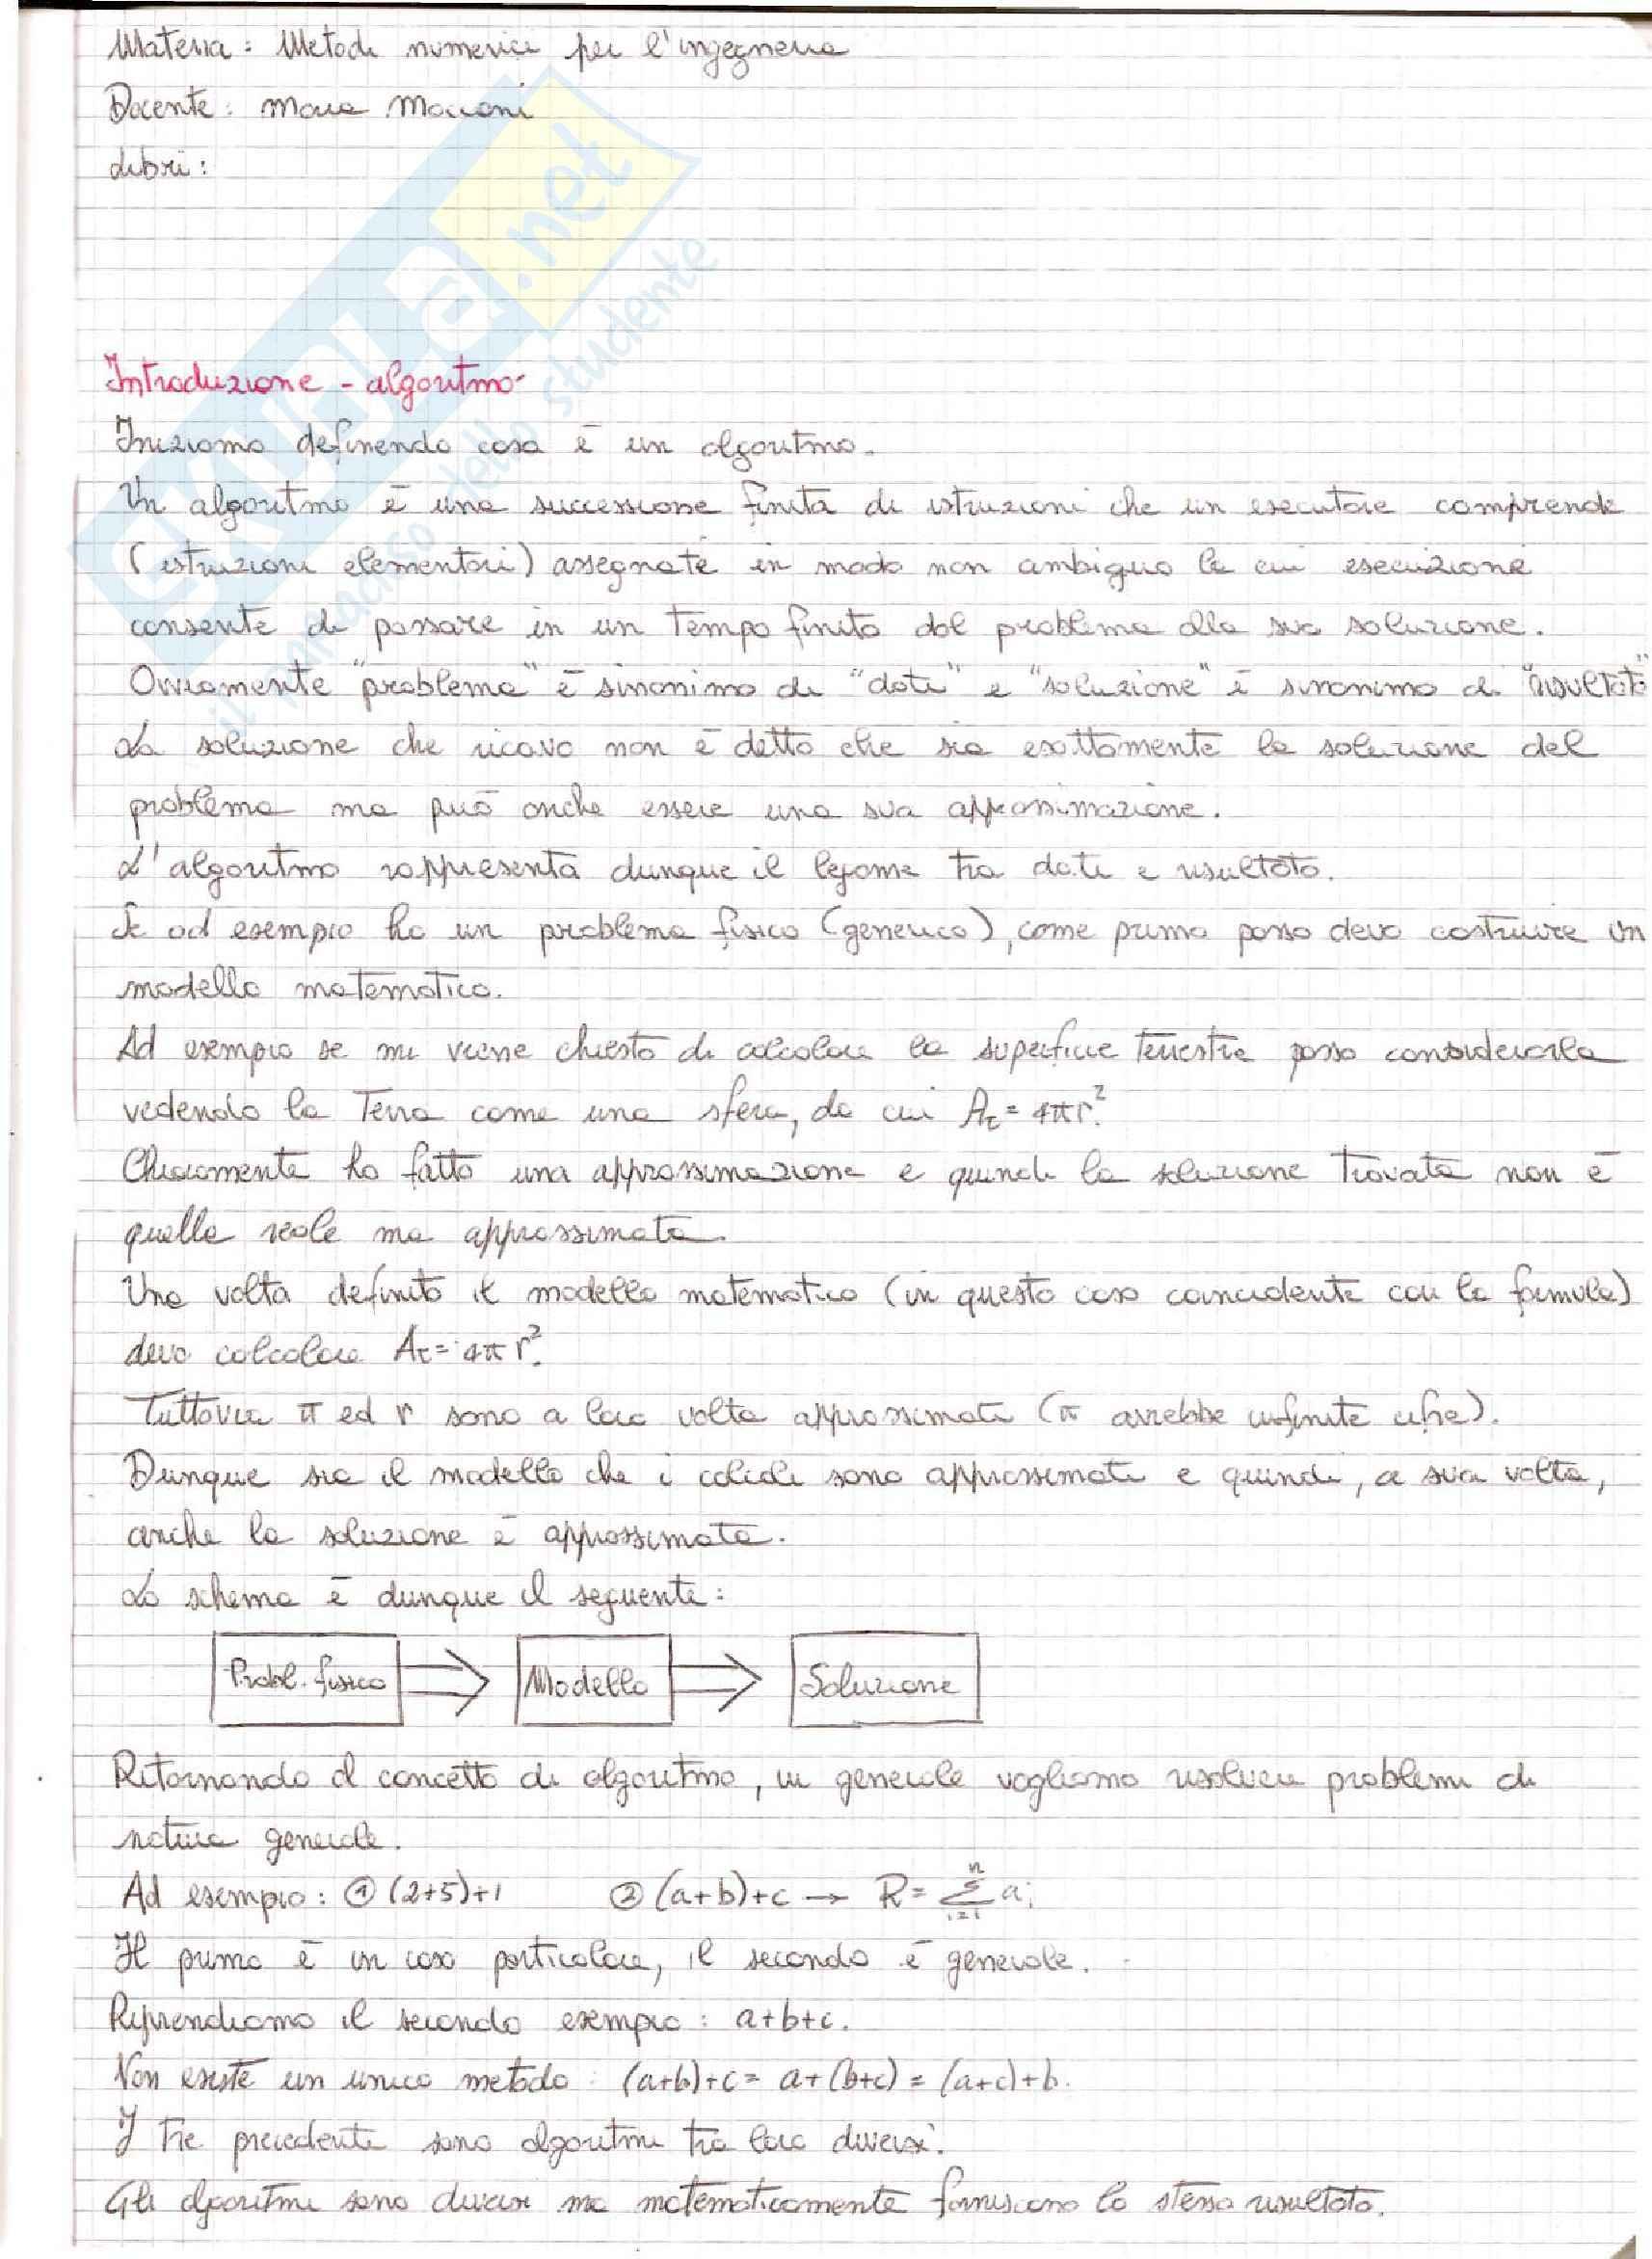 Metodi Numerici per l'Ingegneria  - Appunti